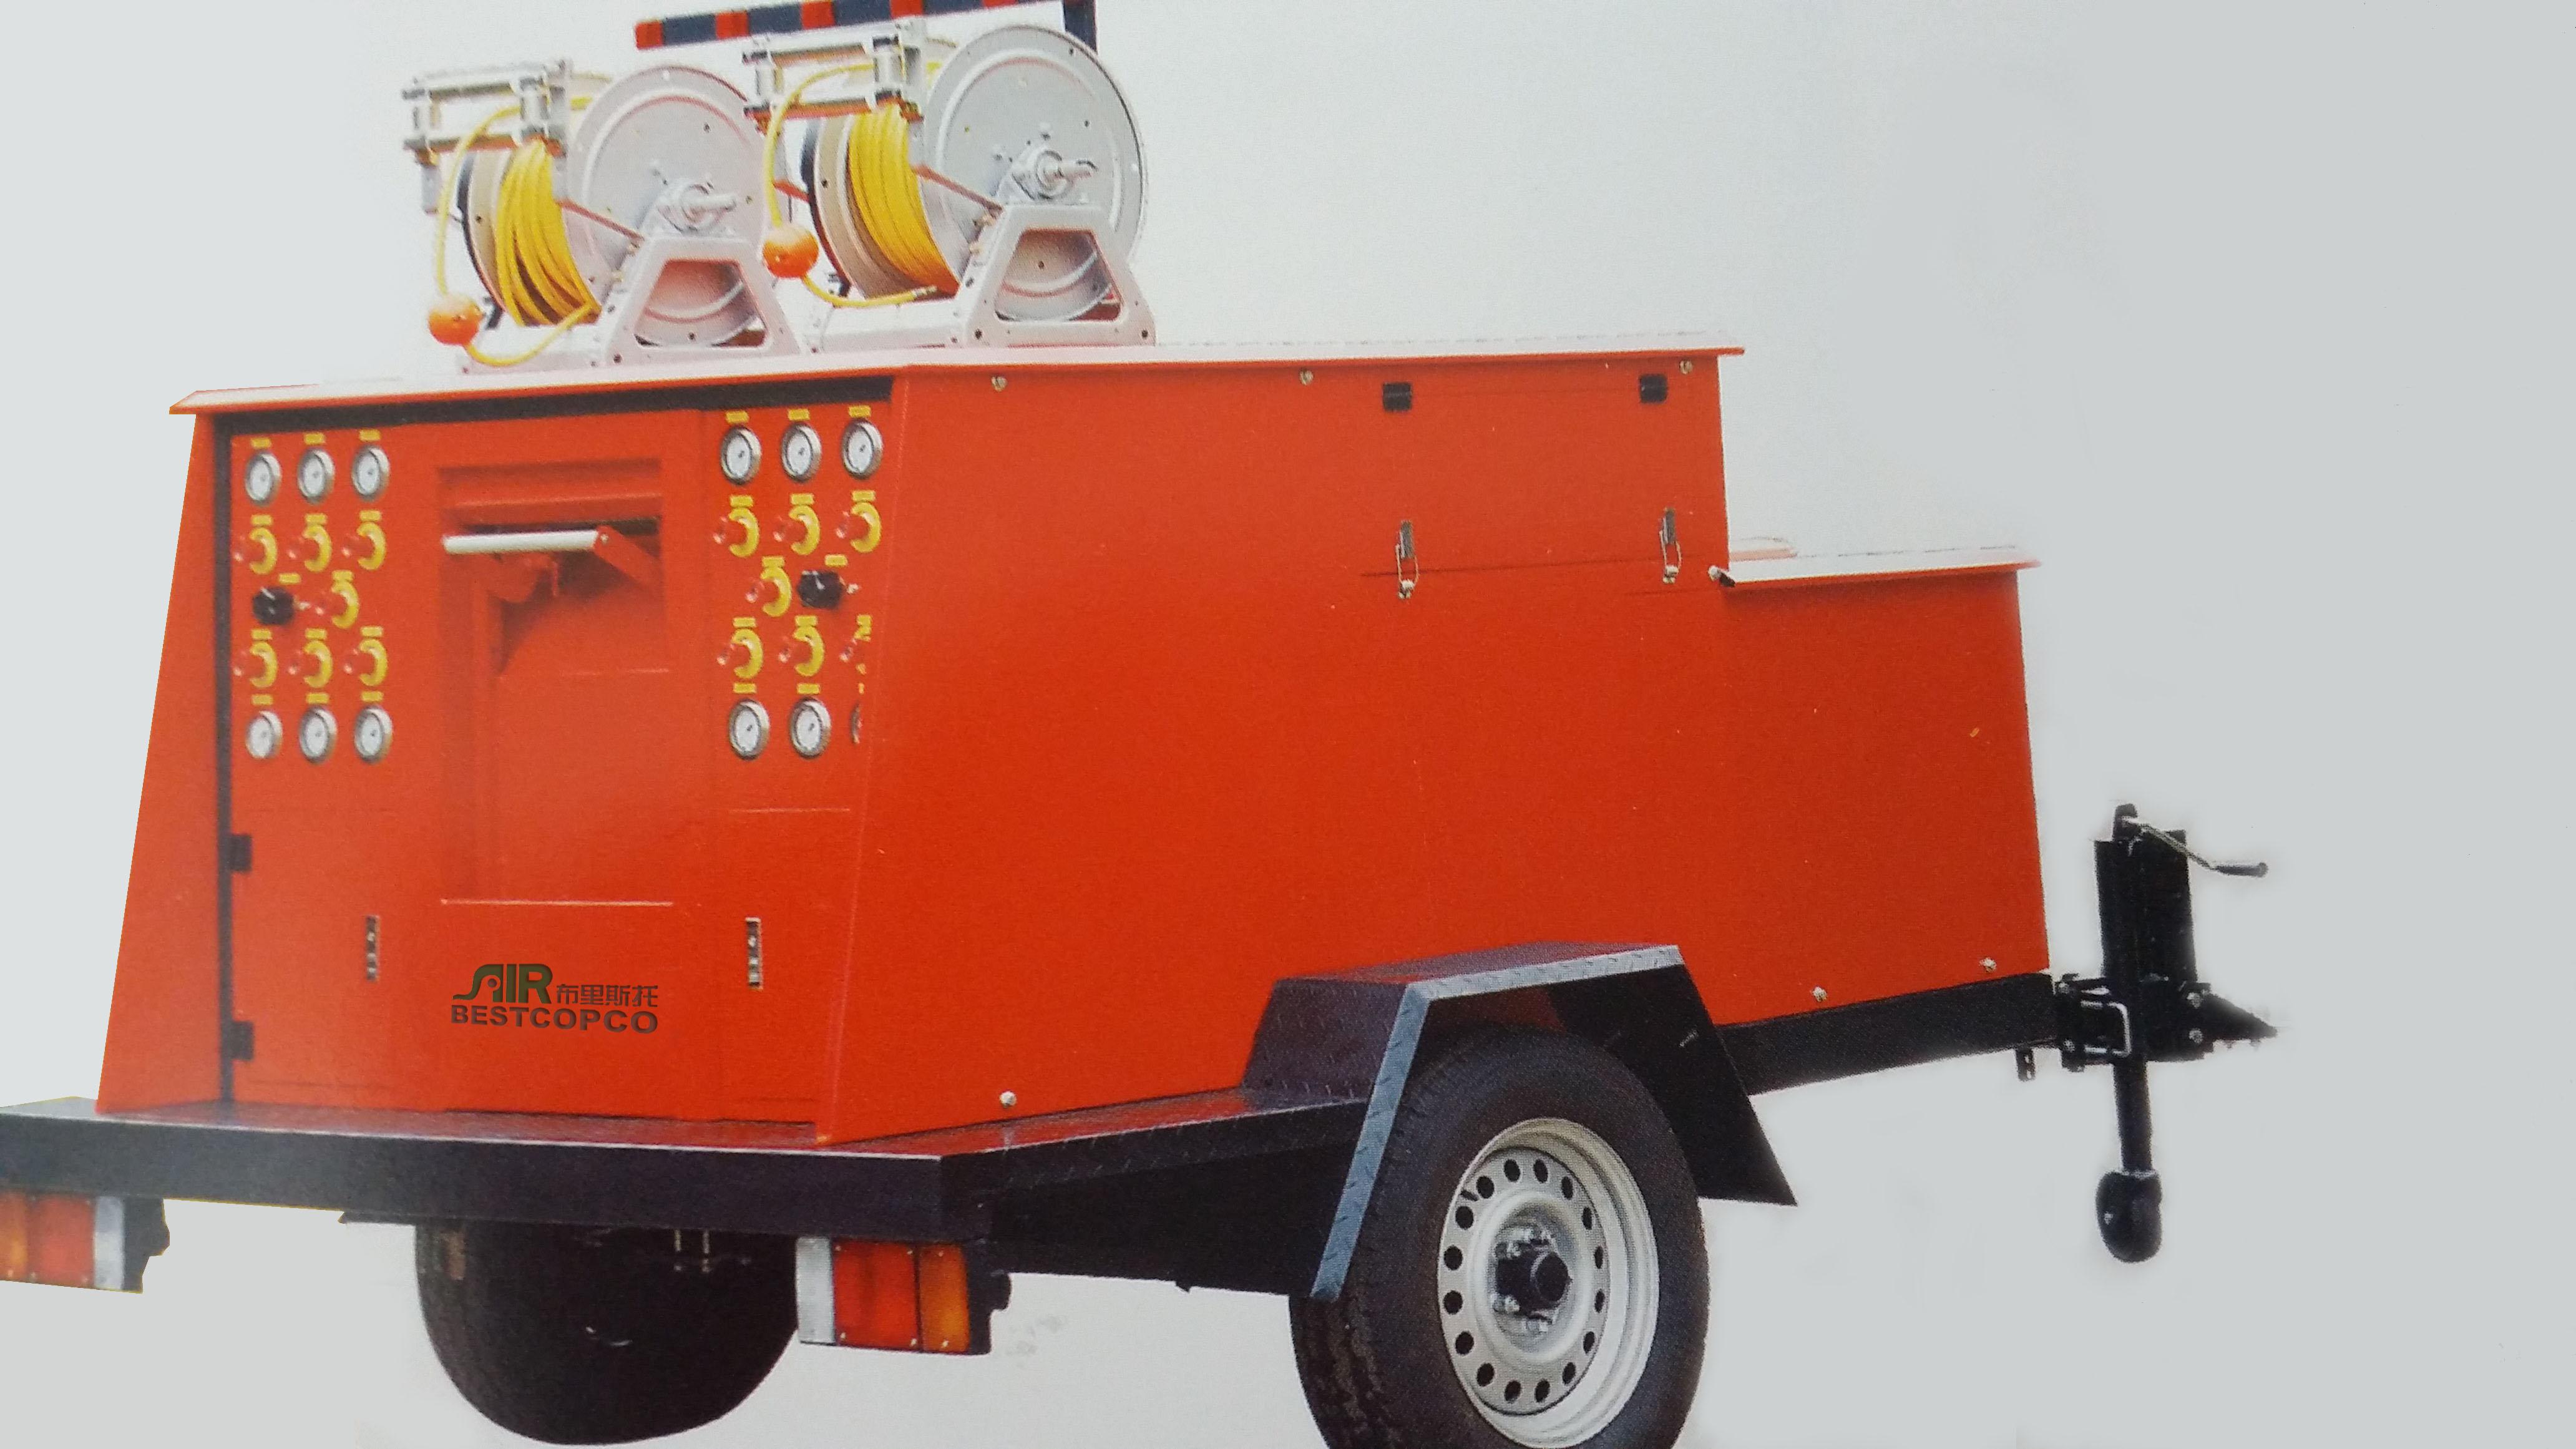 持续供气!布里斯托专为满足现场救援作业而设计 移动式充气车